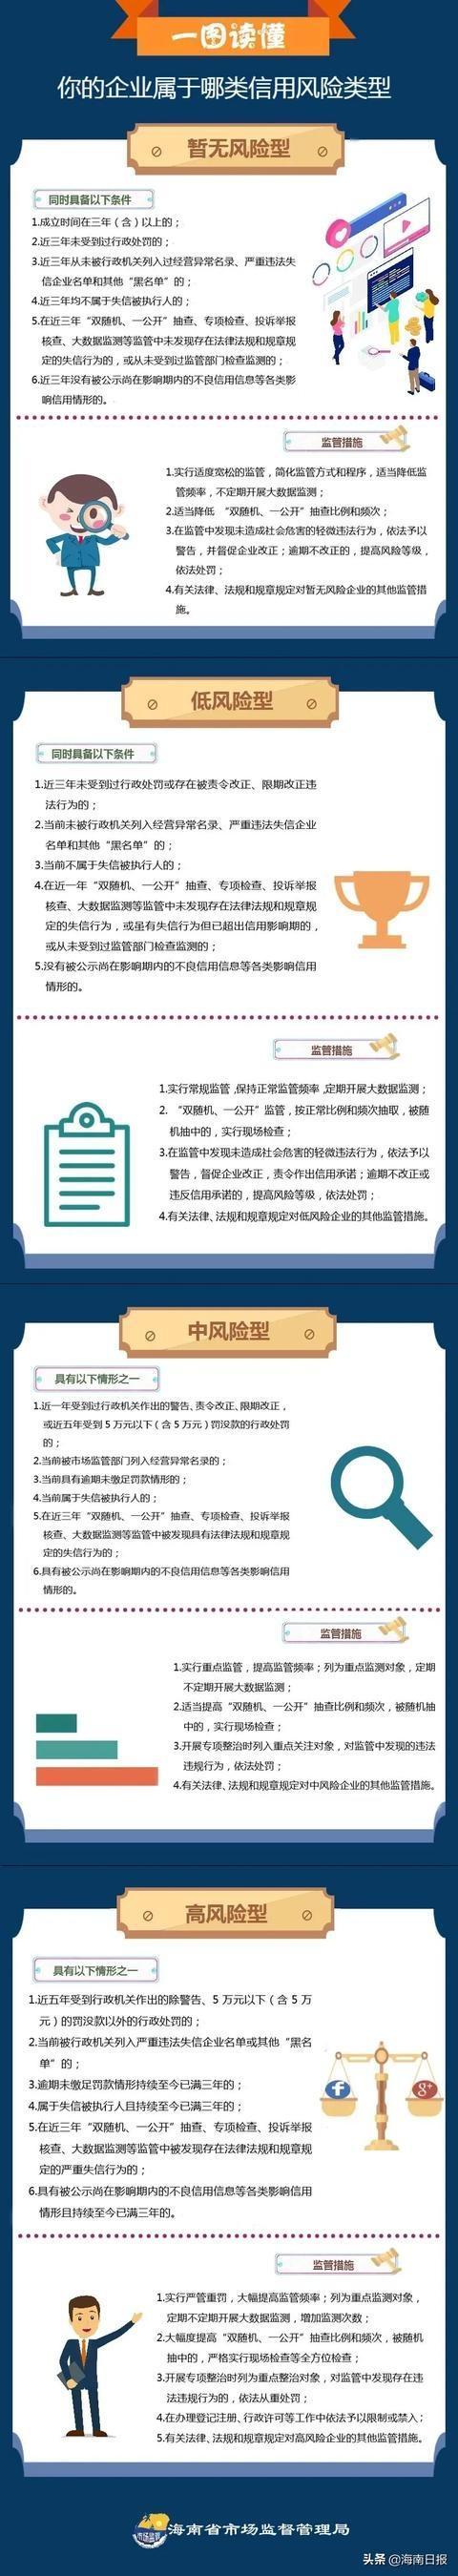 9月1日起,海南将实施企业信用风险差异化监管